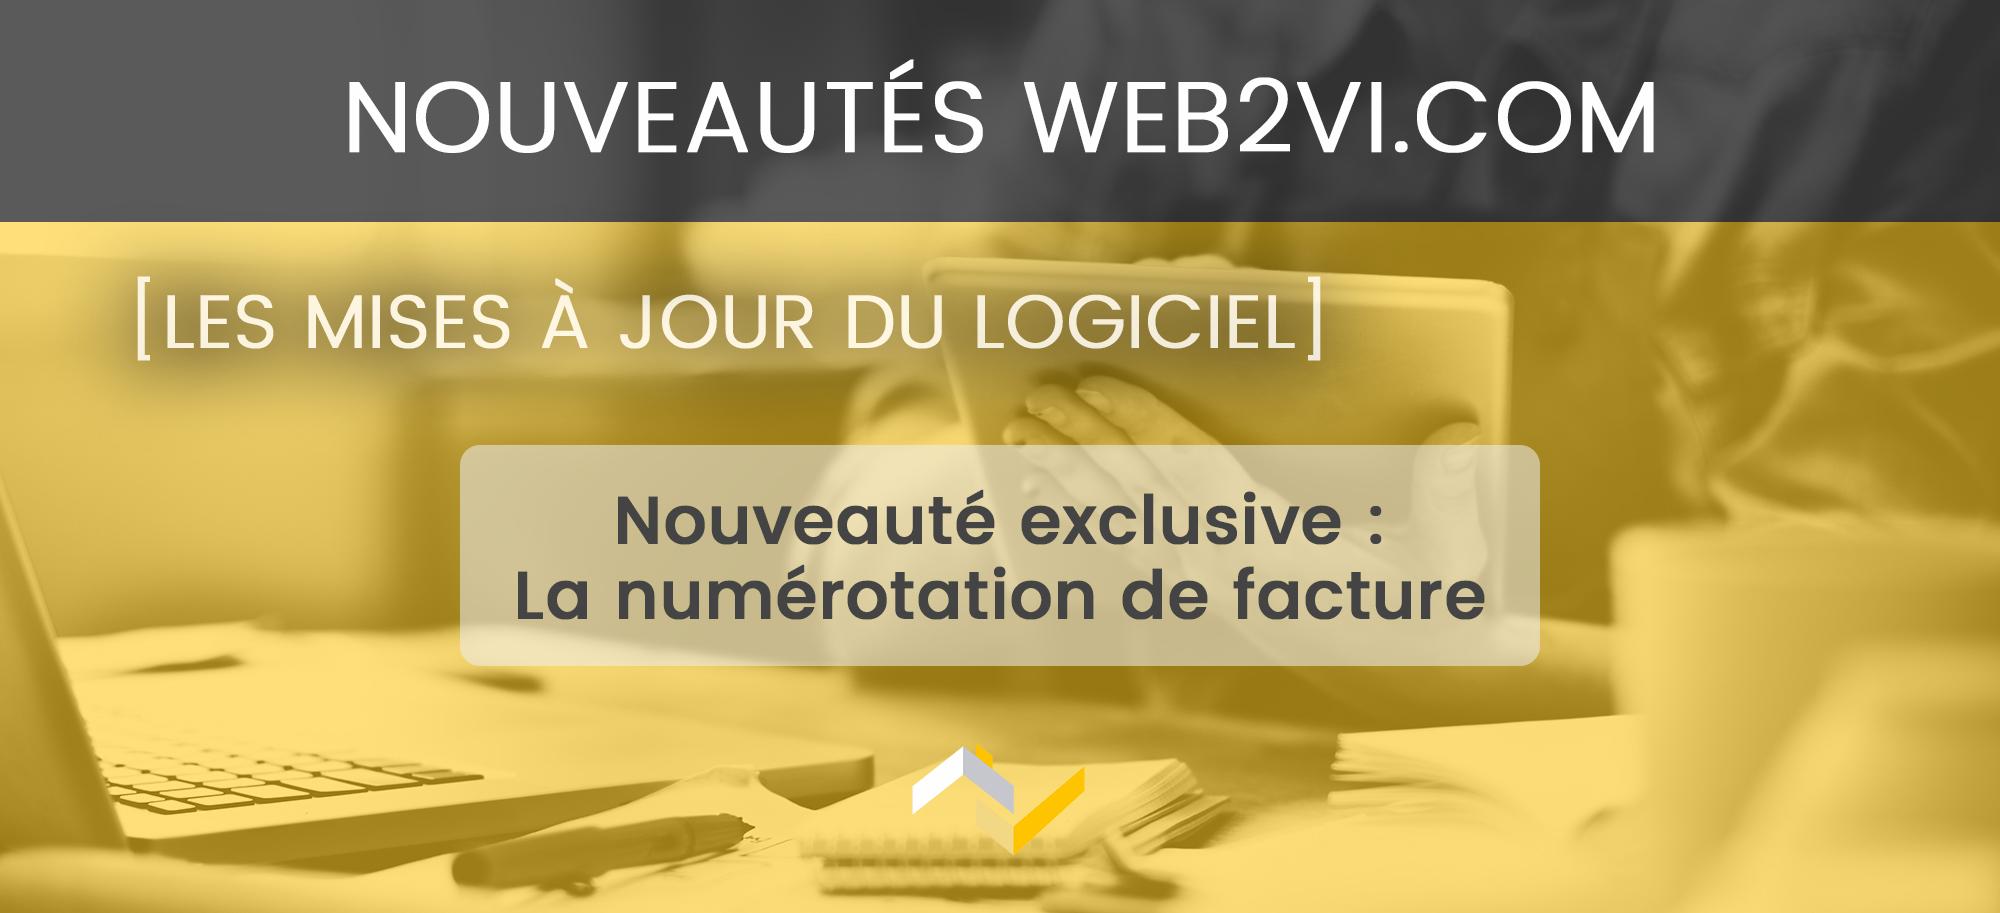 Nouveauté Web2vi : Le numéro unique sur les factures Web2vi